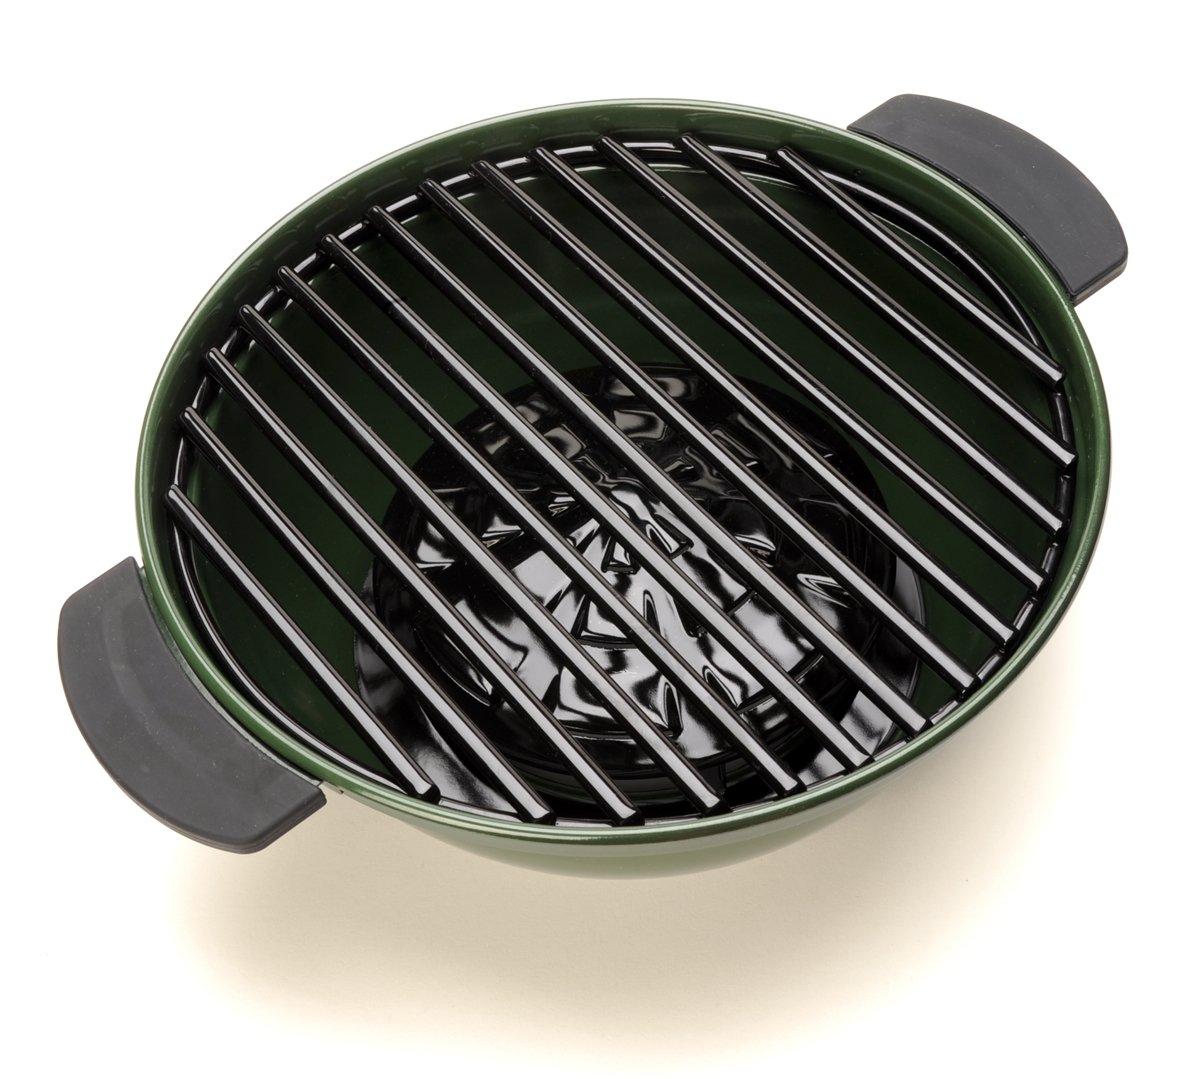 Amazon.com : Minden Master Range-Top Indoor Grill, Green ...